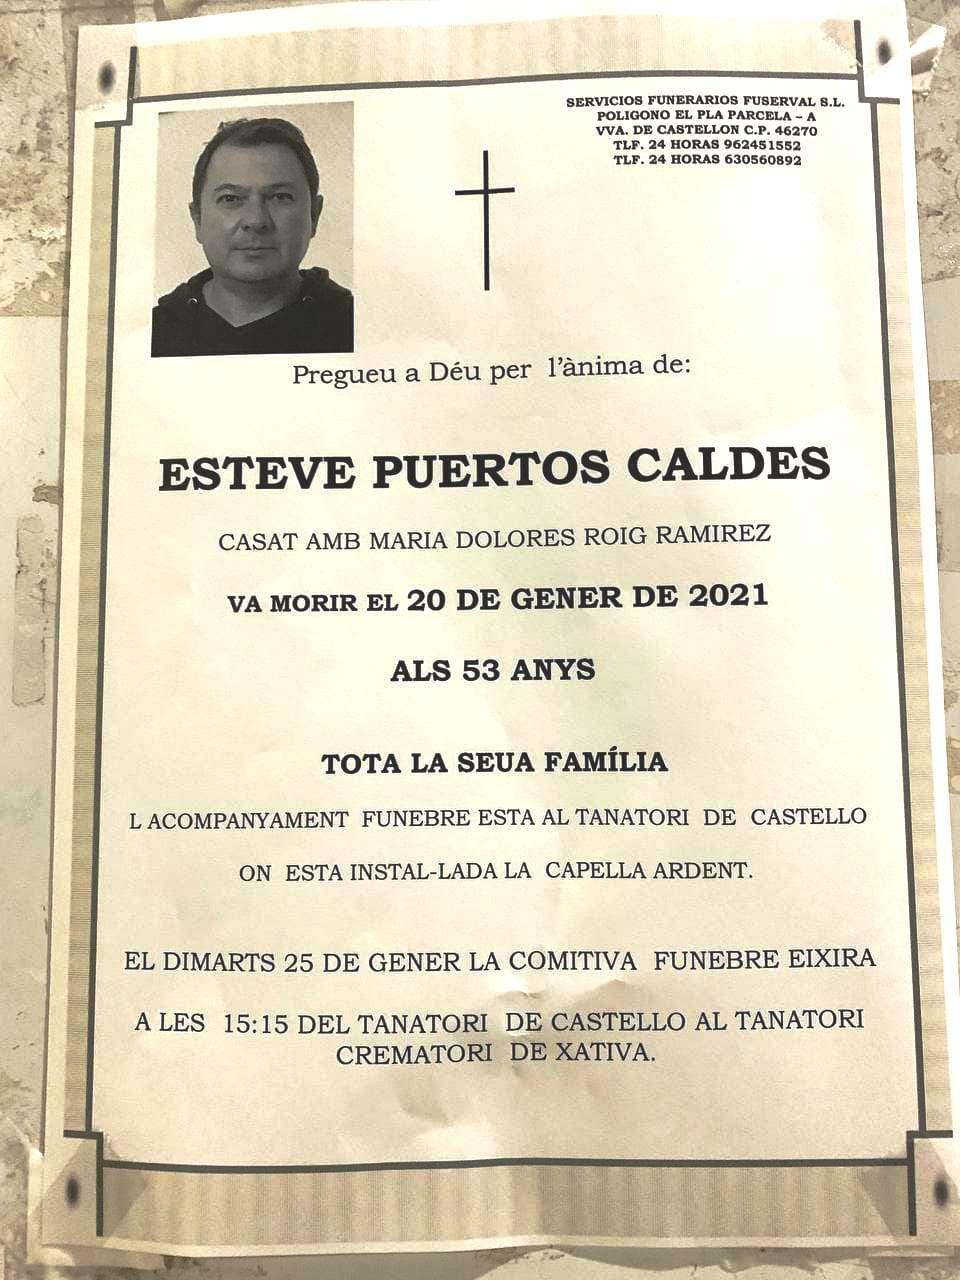 Obituari - ESTEVE PUERTOS CALDES